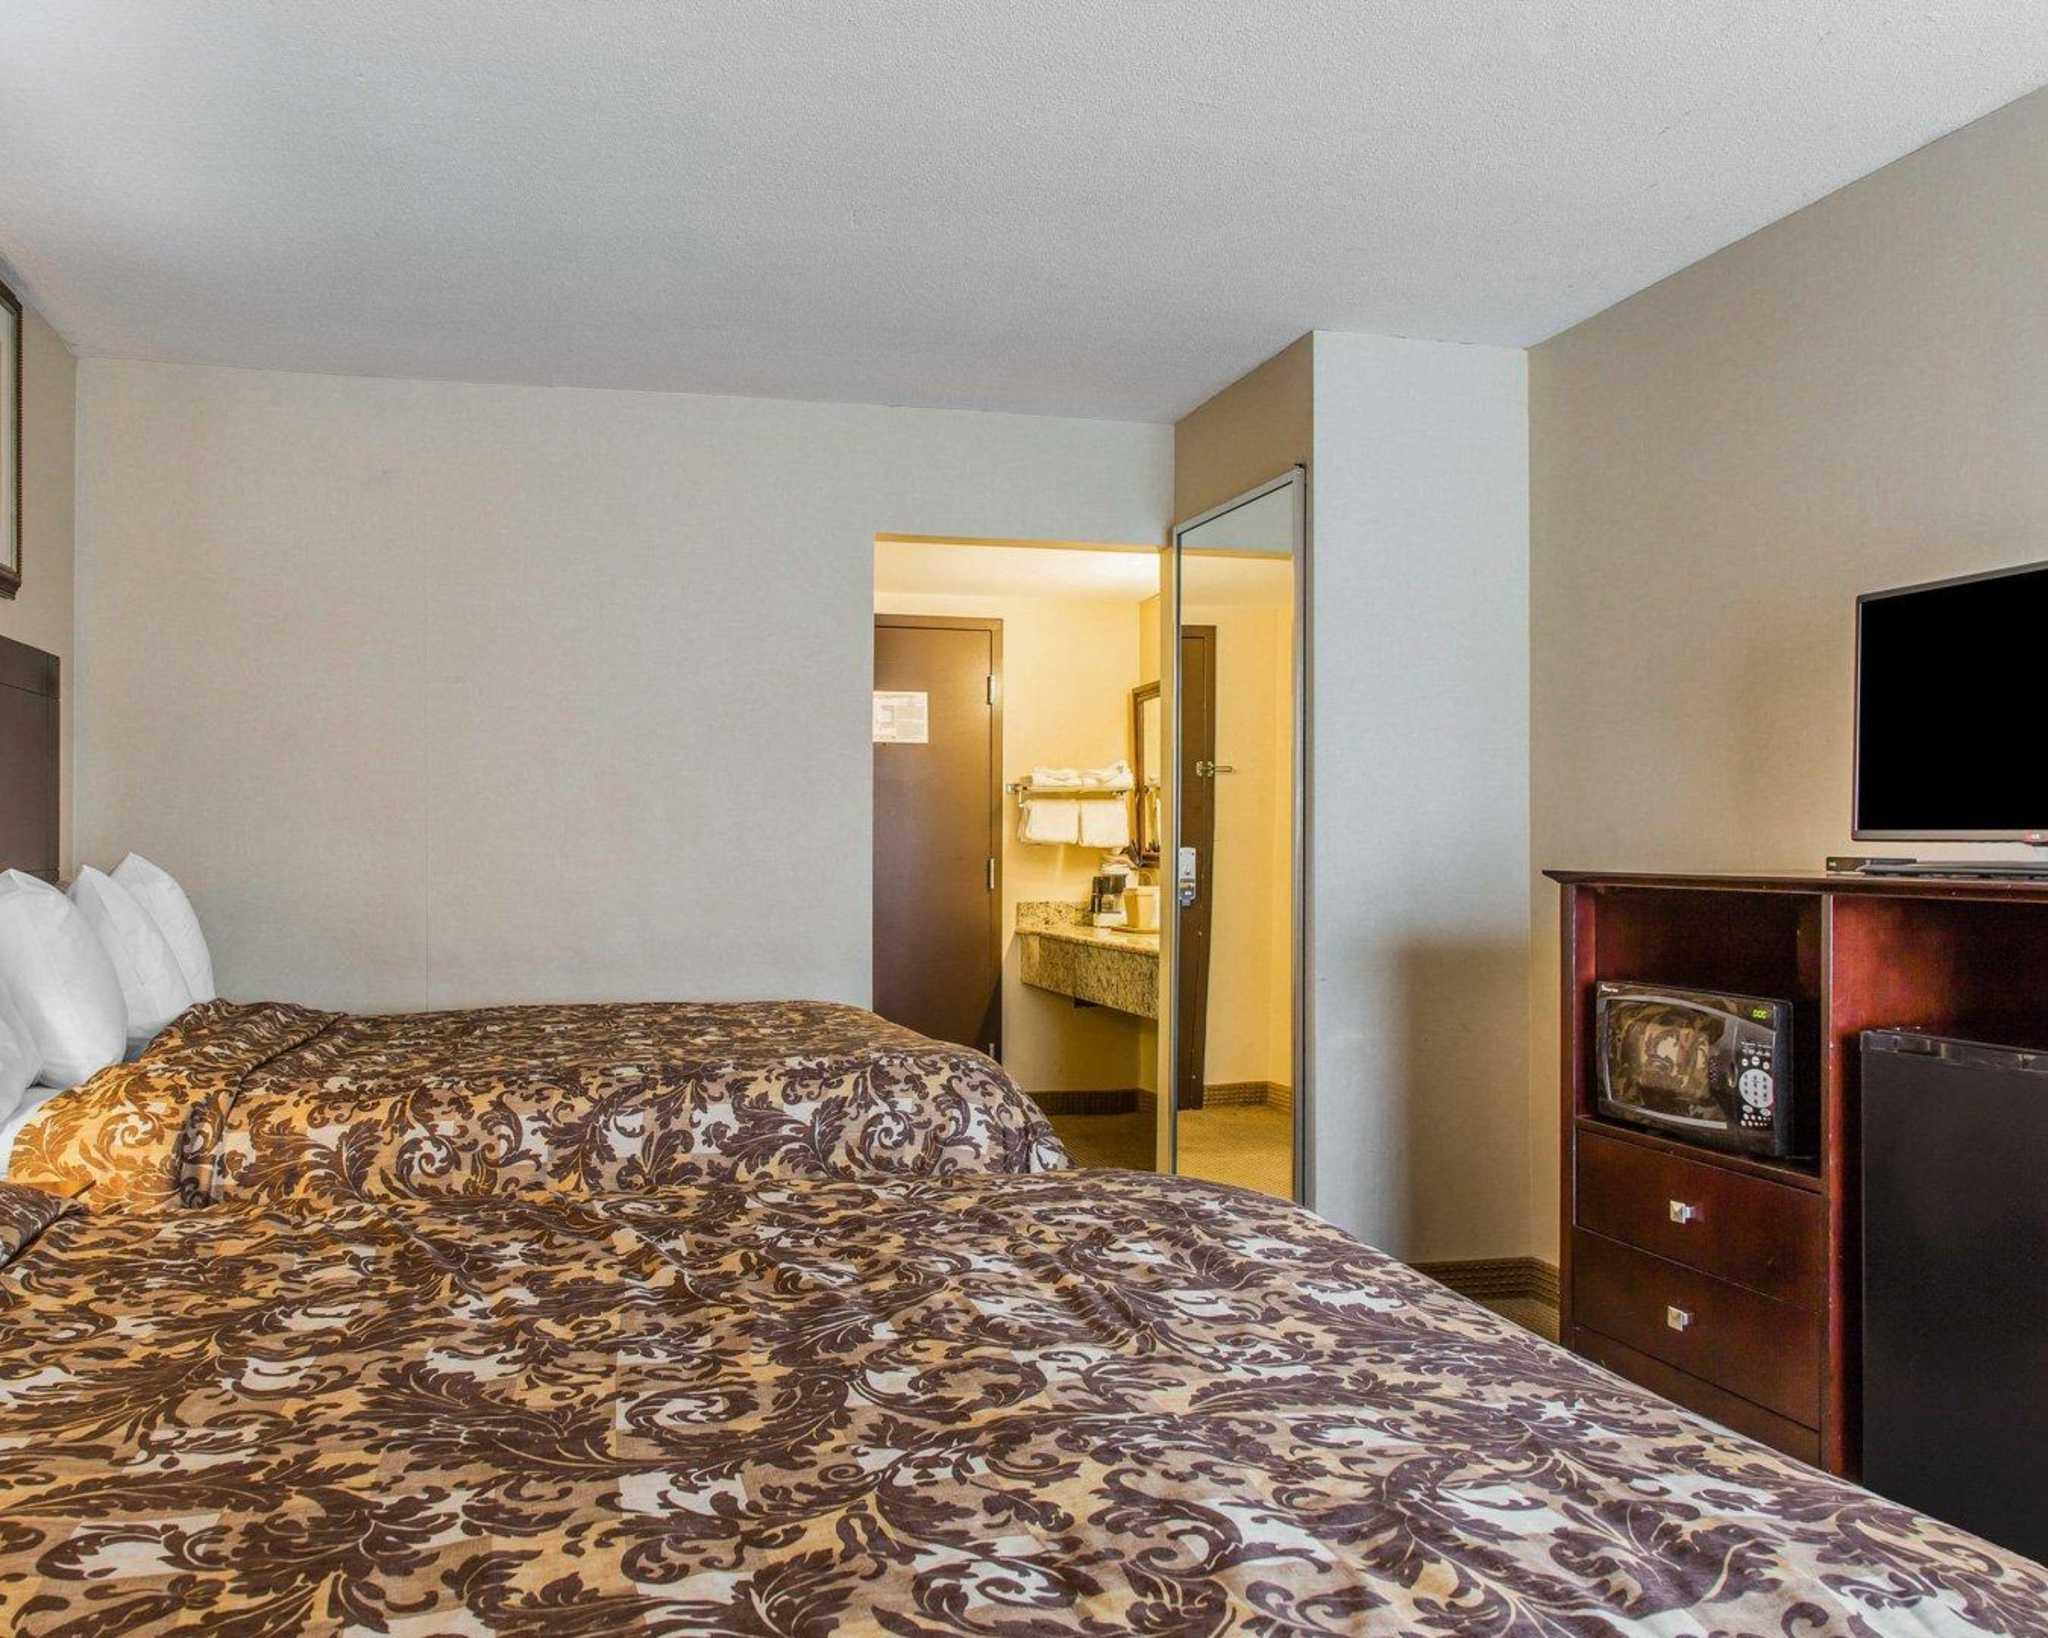 Rodeway Inn & Suites Bradley Airport image 28